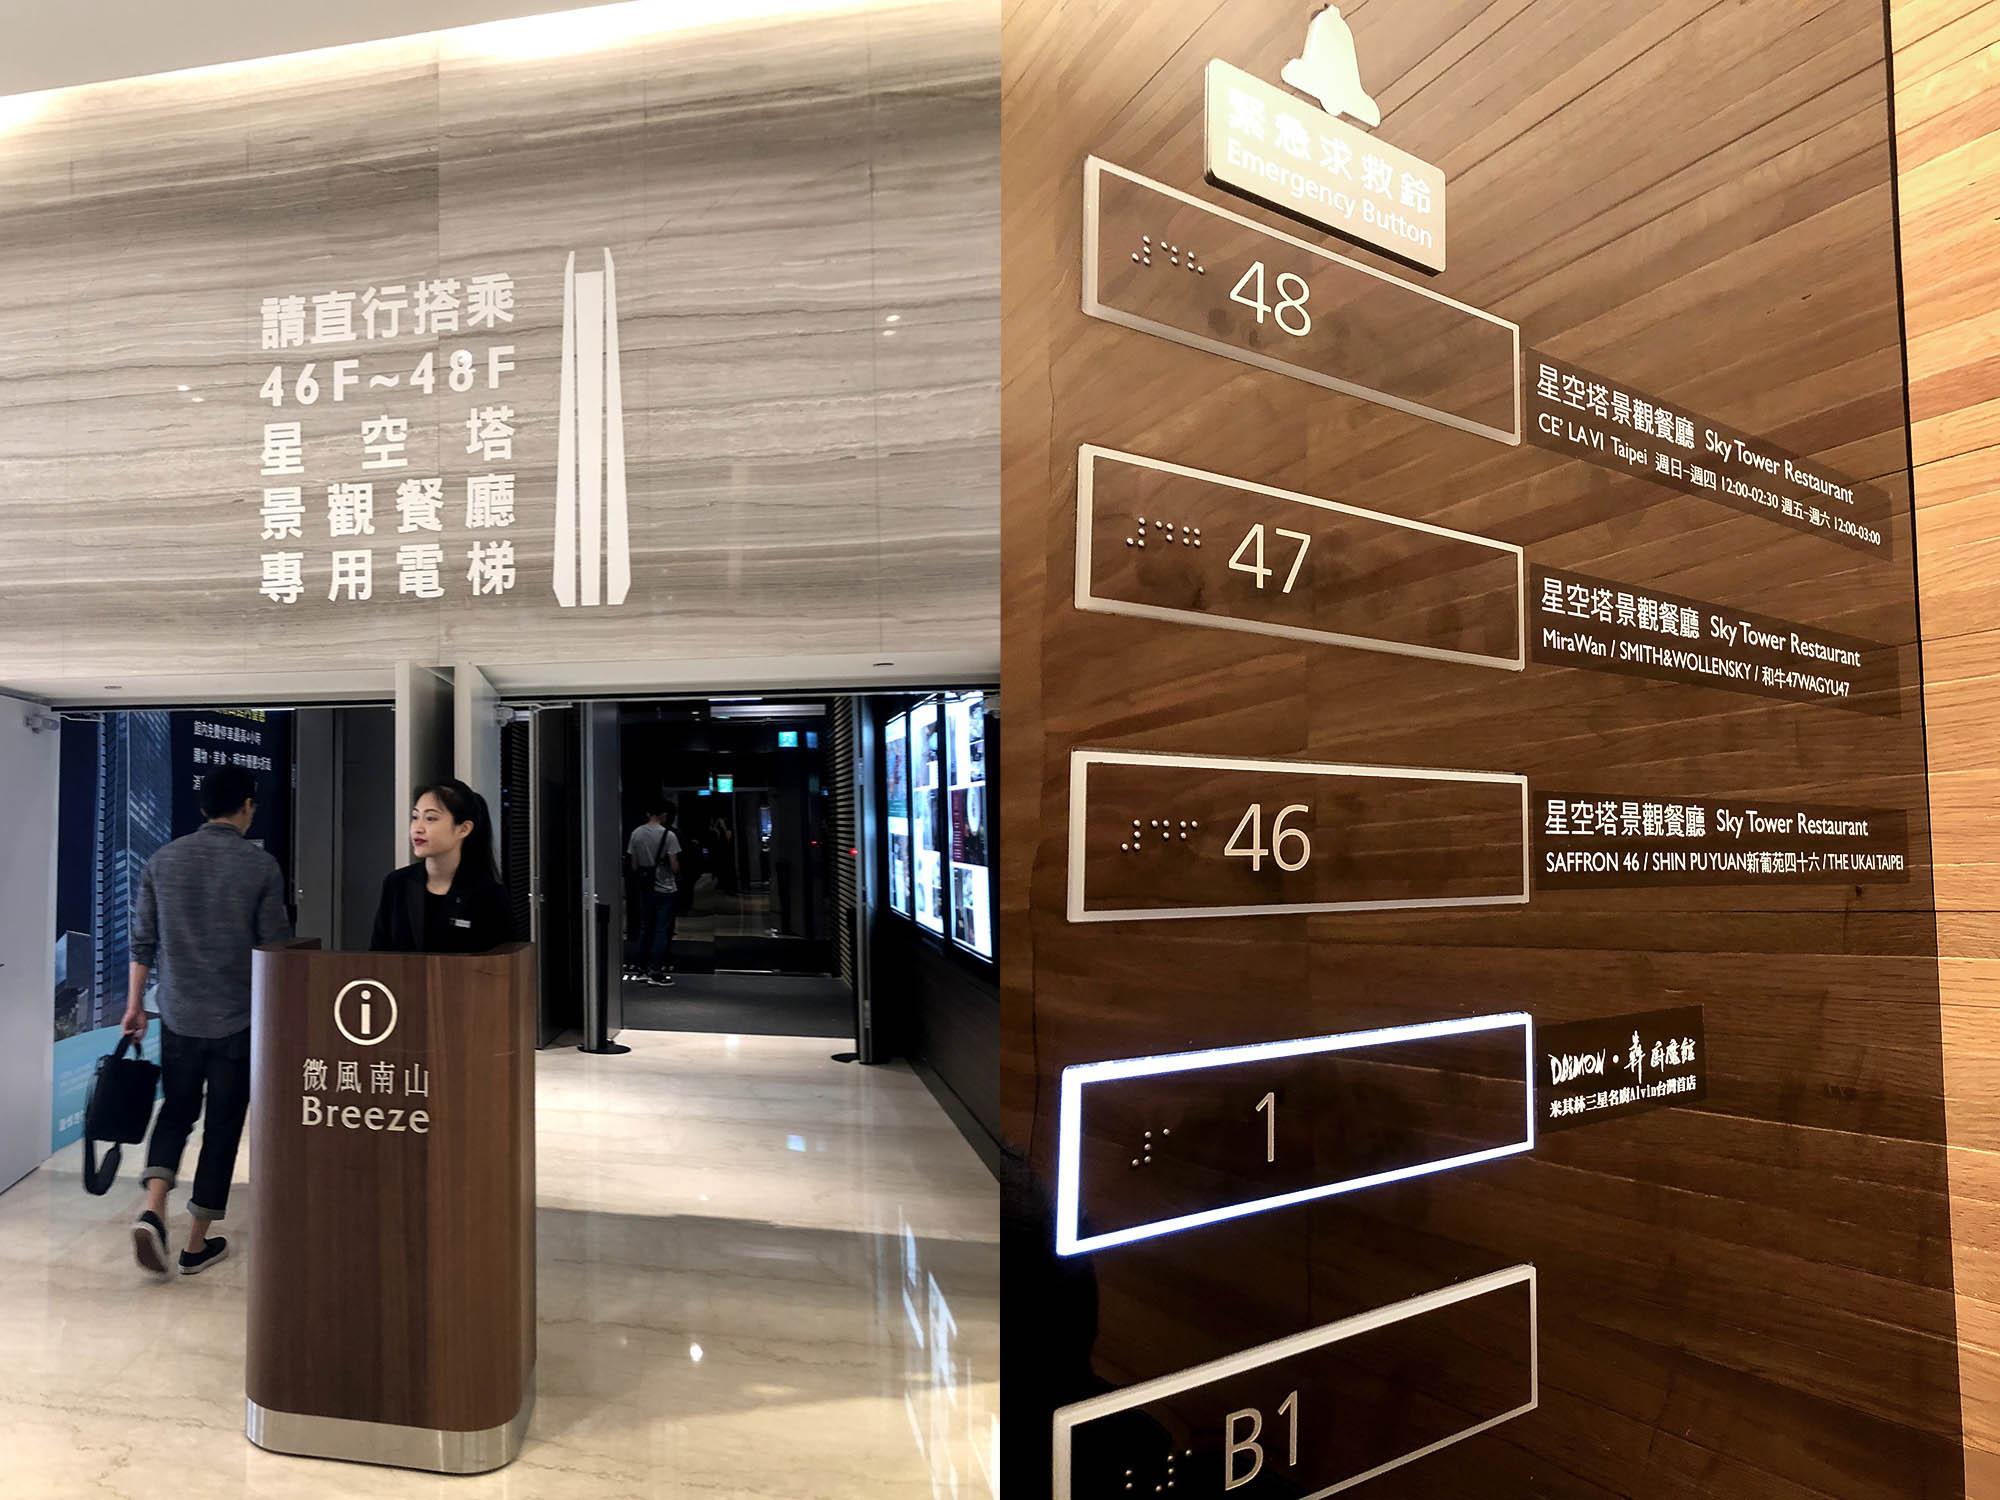 微風南山景觀餐廳電梯